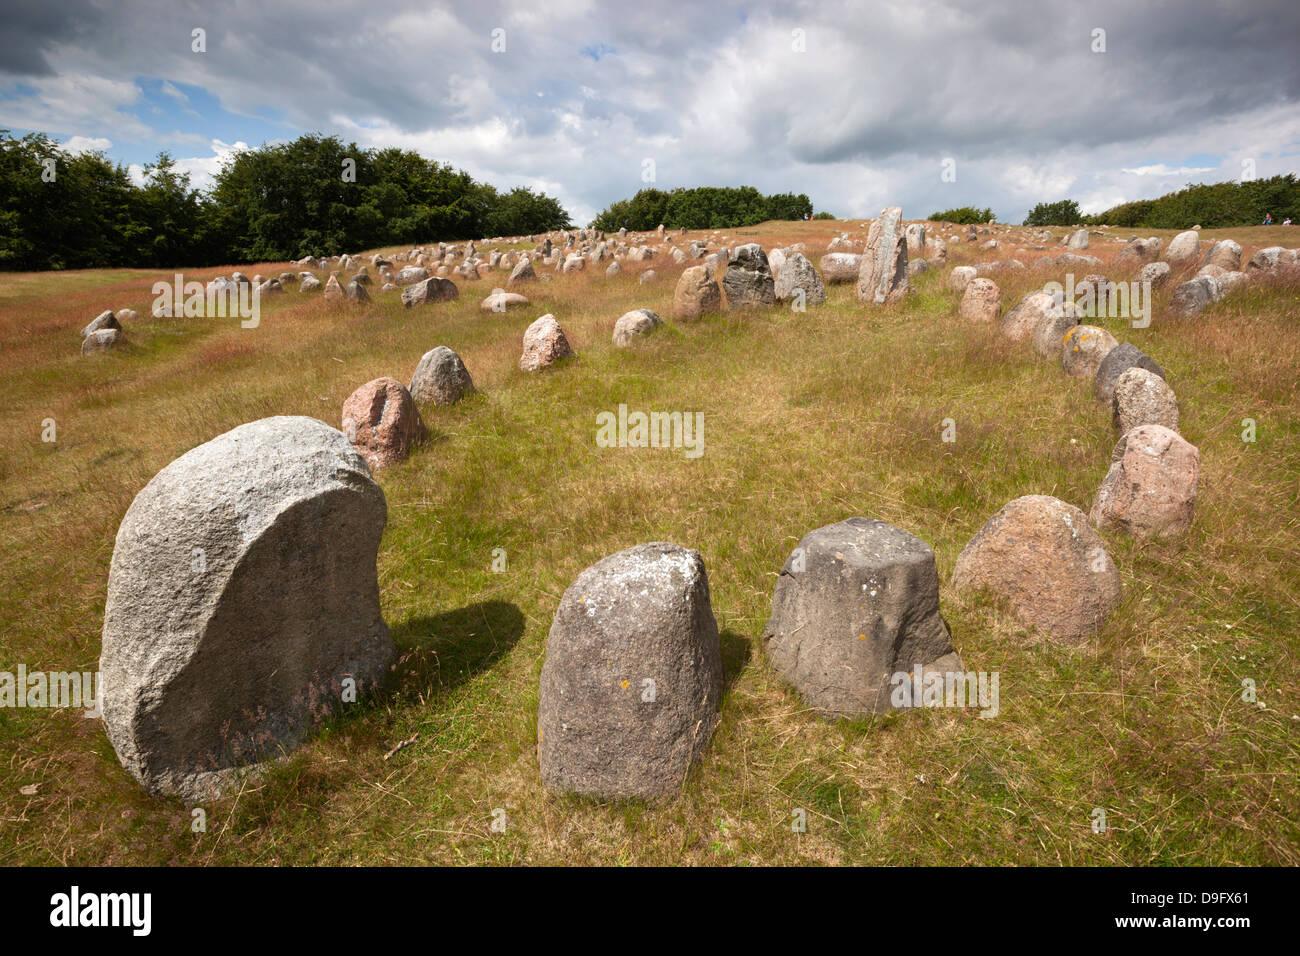 Viking sepoltura con pietre collocate in forma ovale di una nave vichinga, Lindholm Hoje, Aalborg, nello Jutland, Immagini Stock